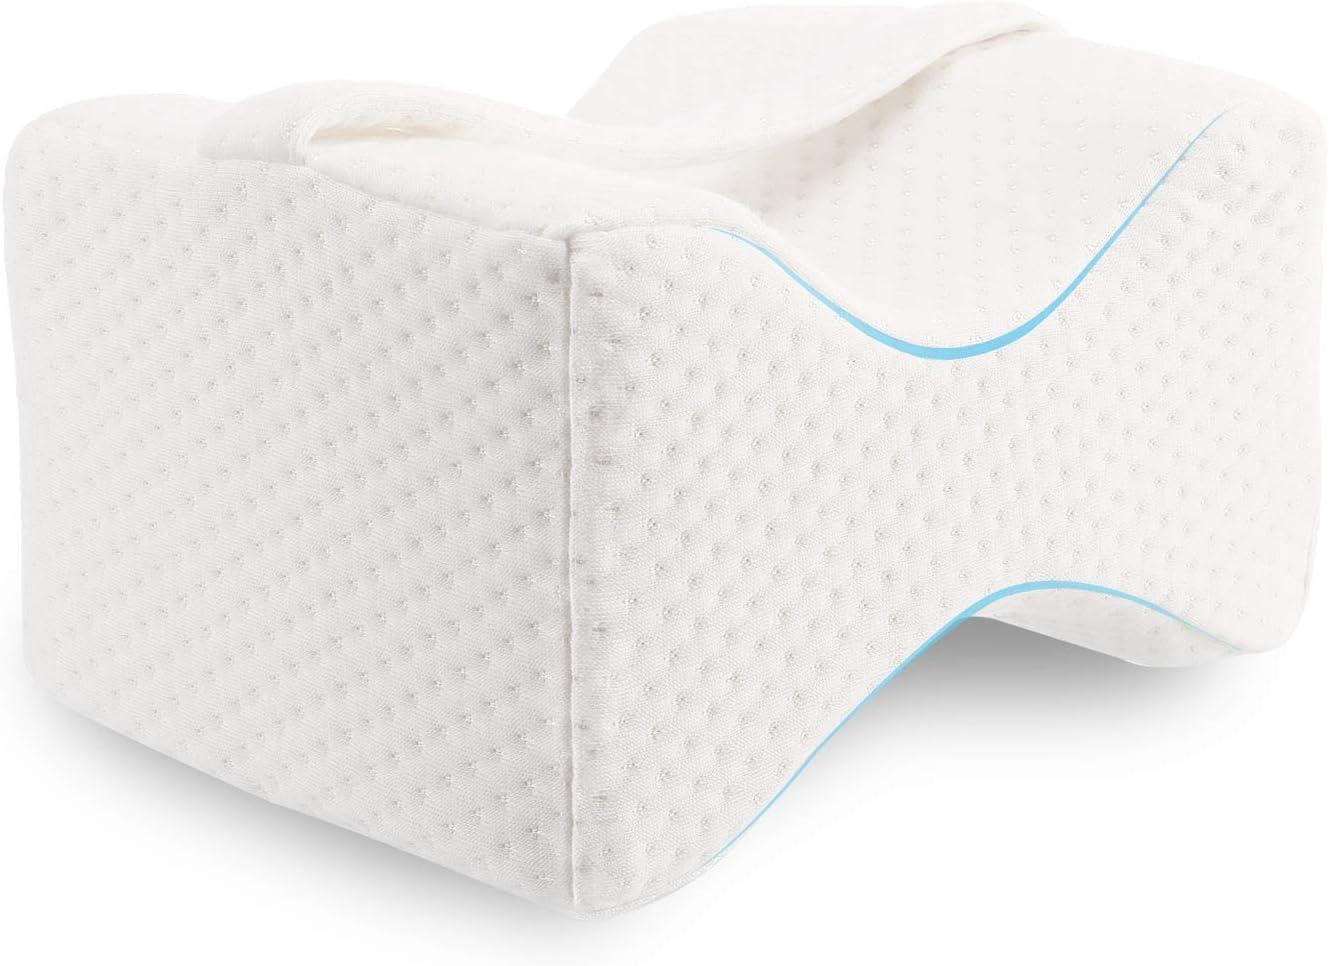 Almohada Piernas para Dormir, Ergonómico Cojín Ortopédico, Ideal para ciática, caderas, articulaciones, alivio de dolores de embarazo y dormir de lado - Opción Ideal para Dormir de Lado